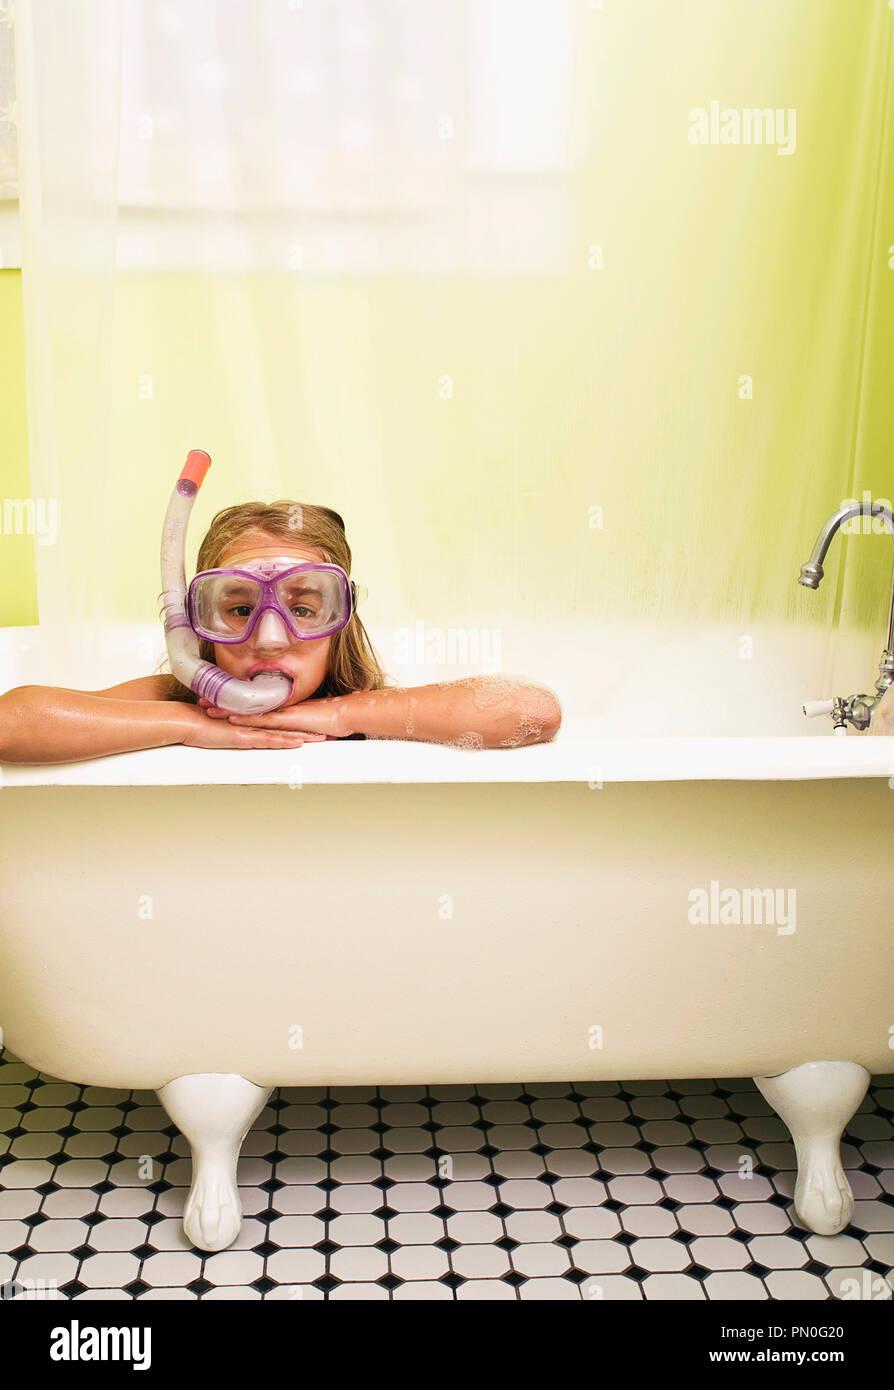 Ein junges Mädchen in einer Badewanne mit Schnorchel in den Mund. Stockbild